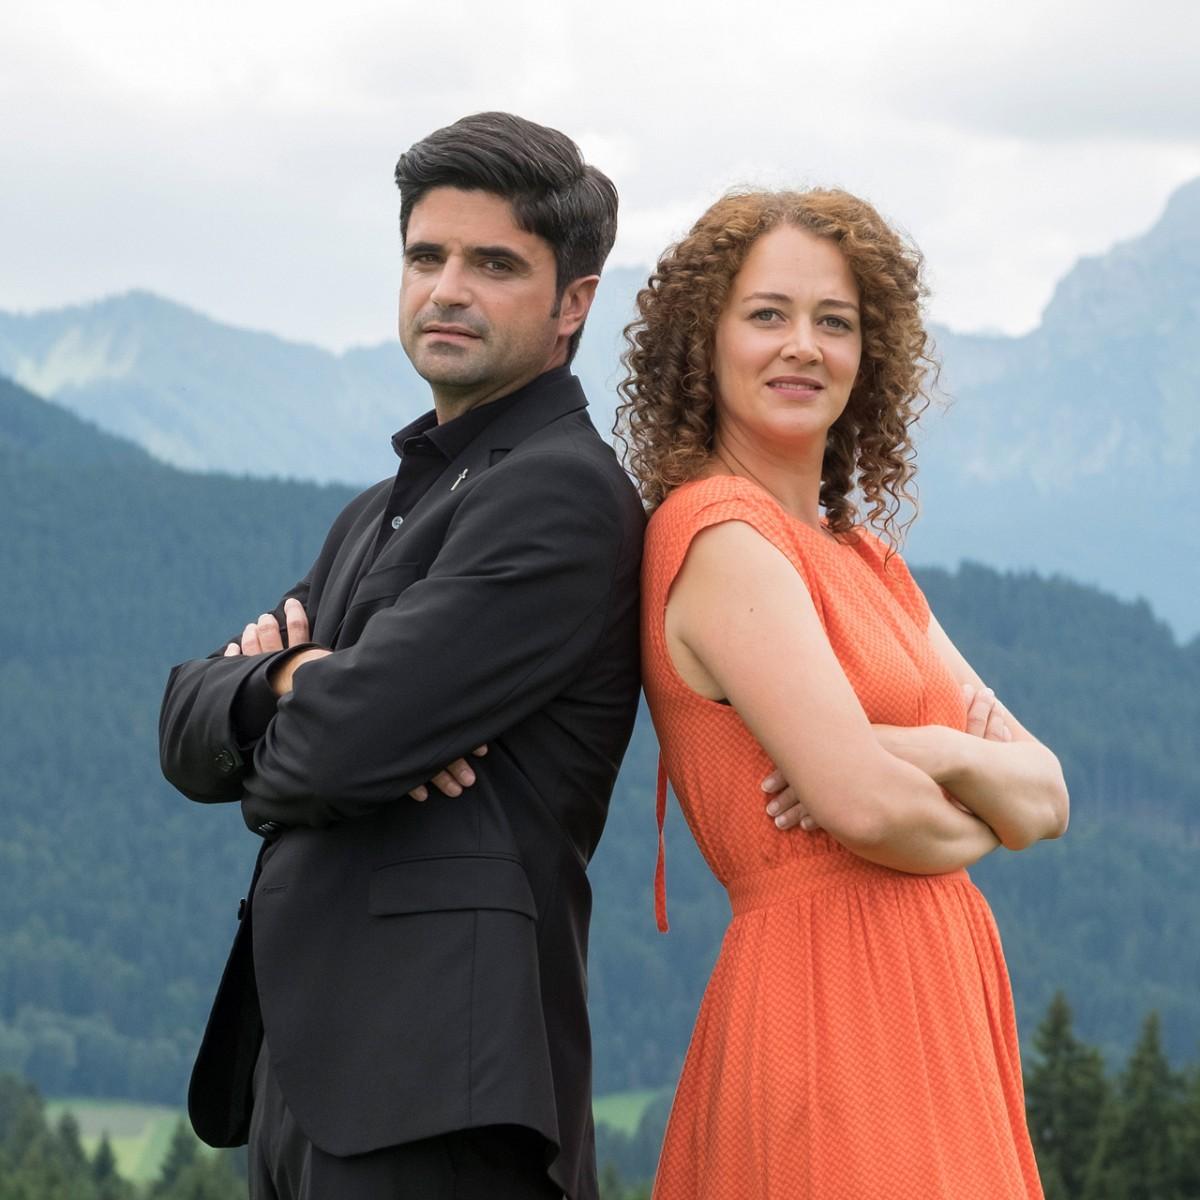 Tonio Und Julia Darsteller